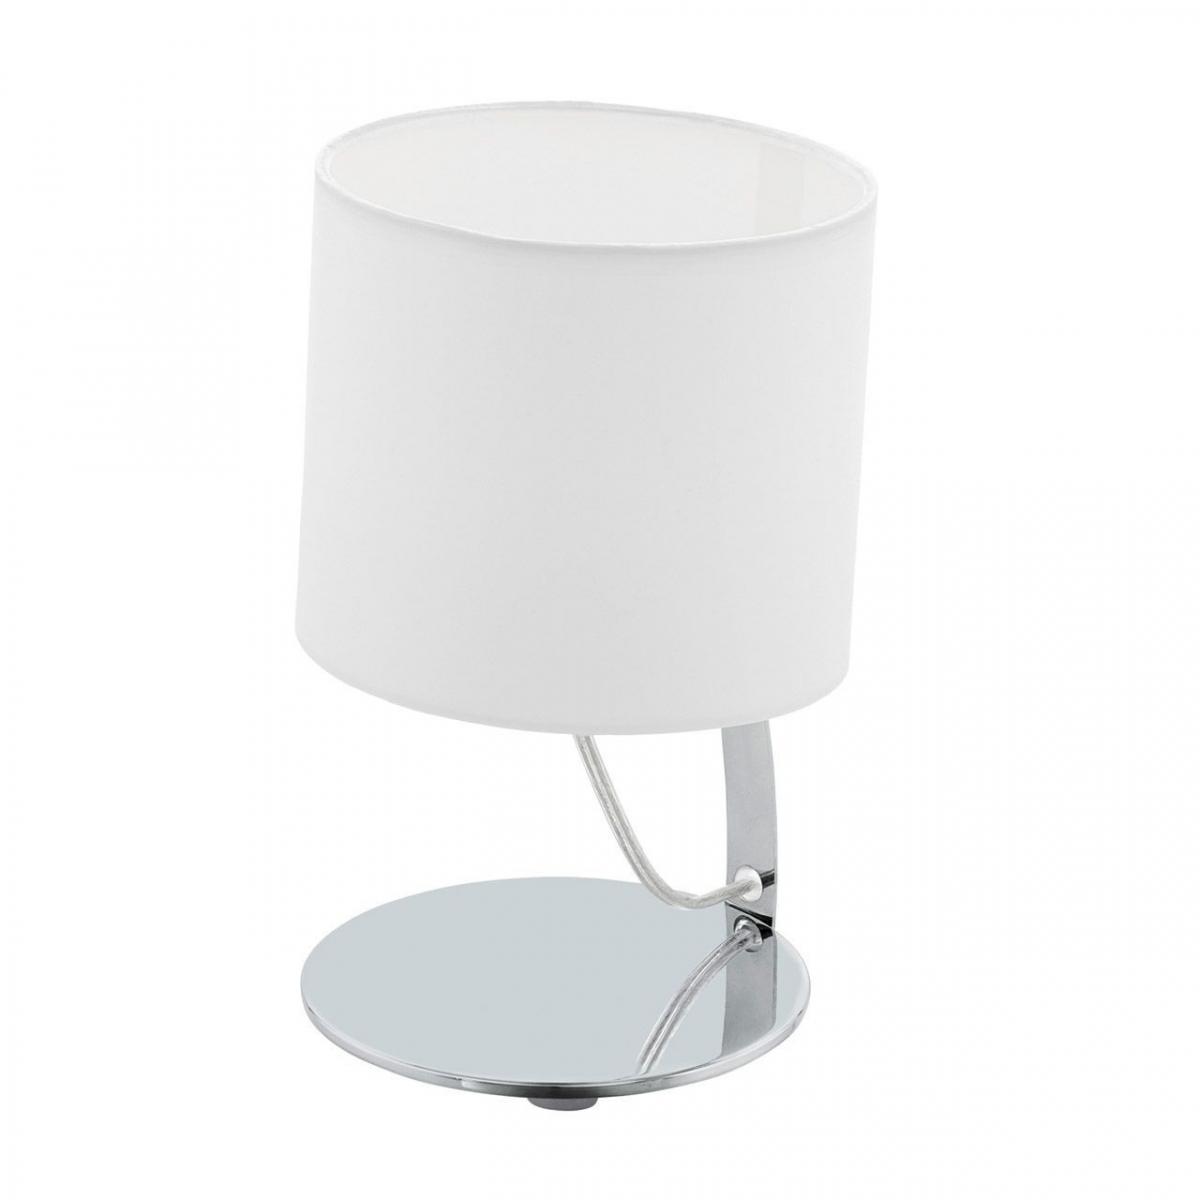 Настольная лампа 472030101 белый MW-Light купить в